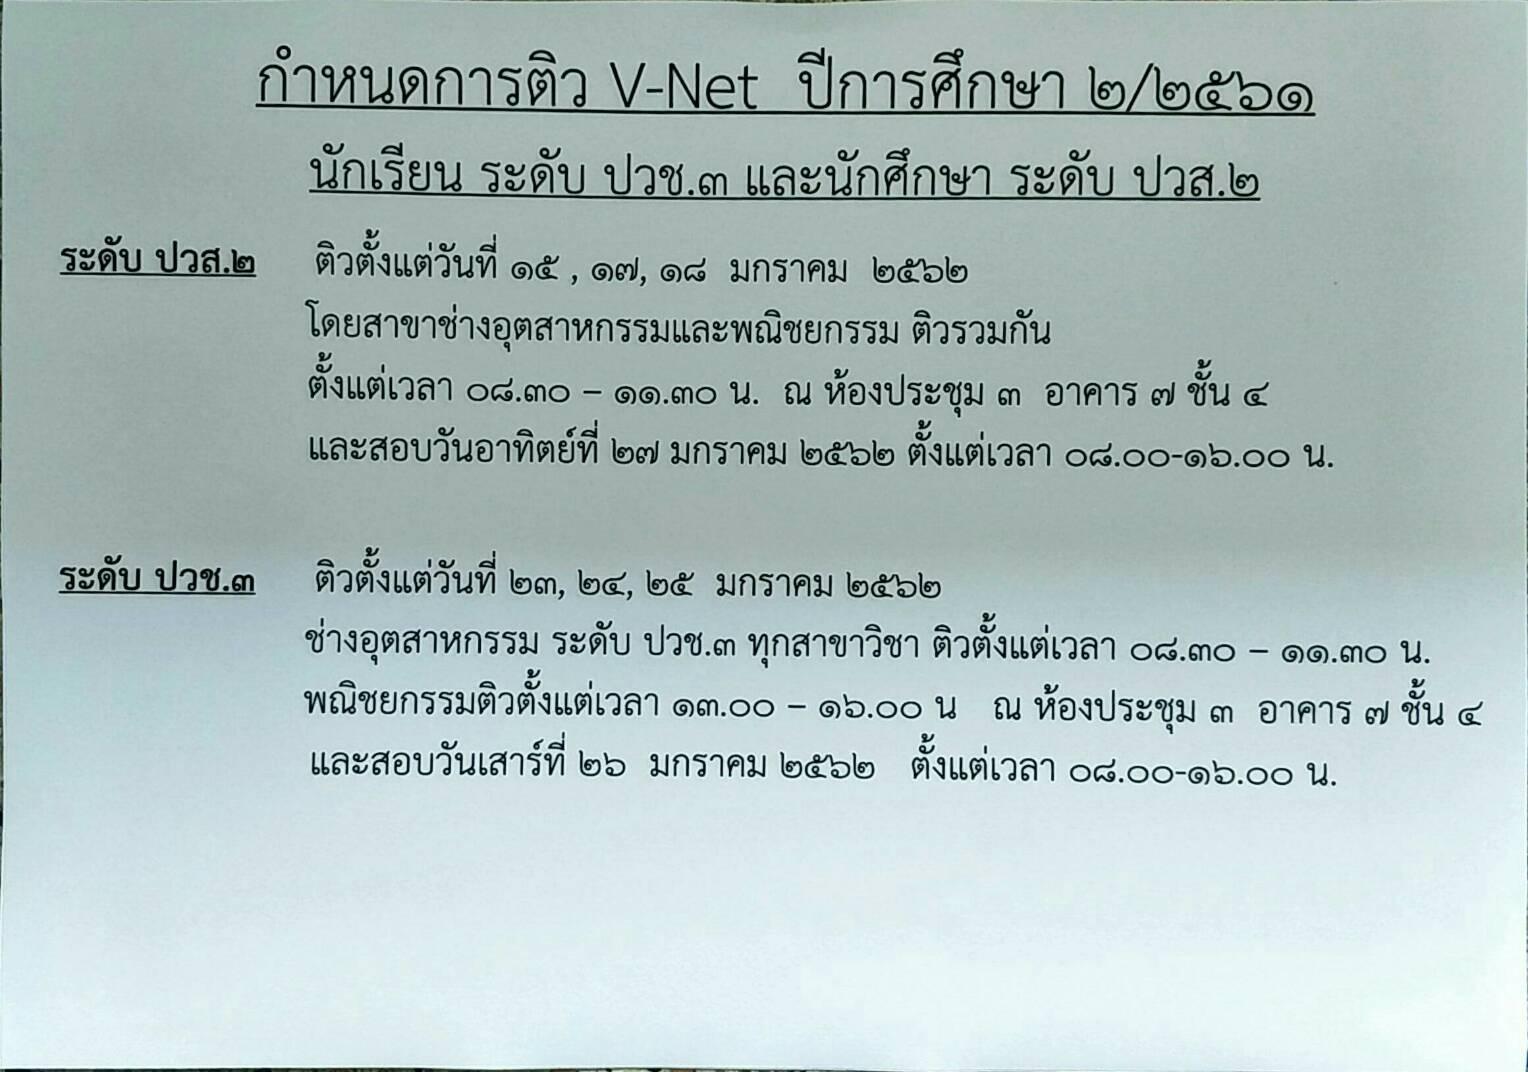 กำหนดการติว v-net ปีการศึกษา 2/2561